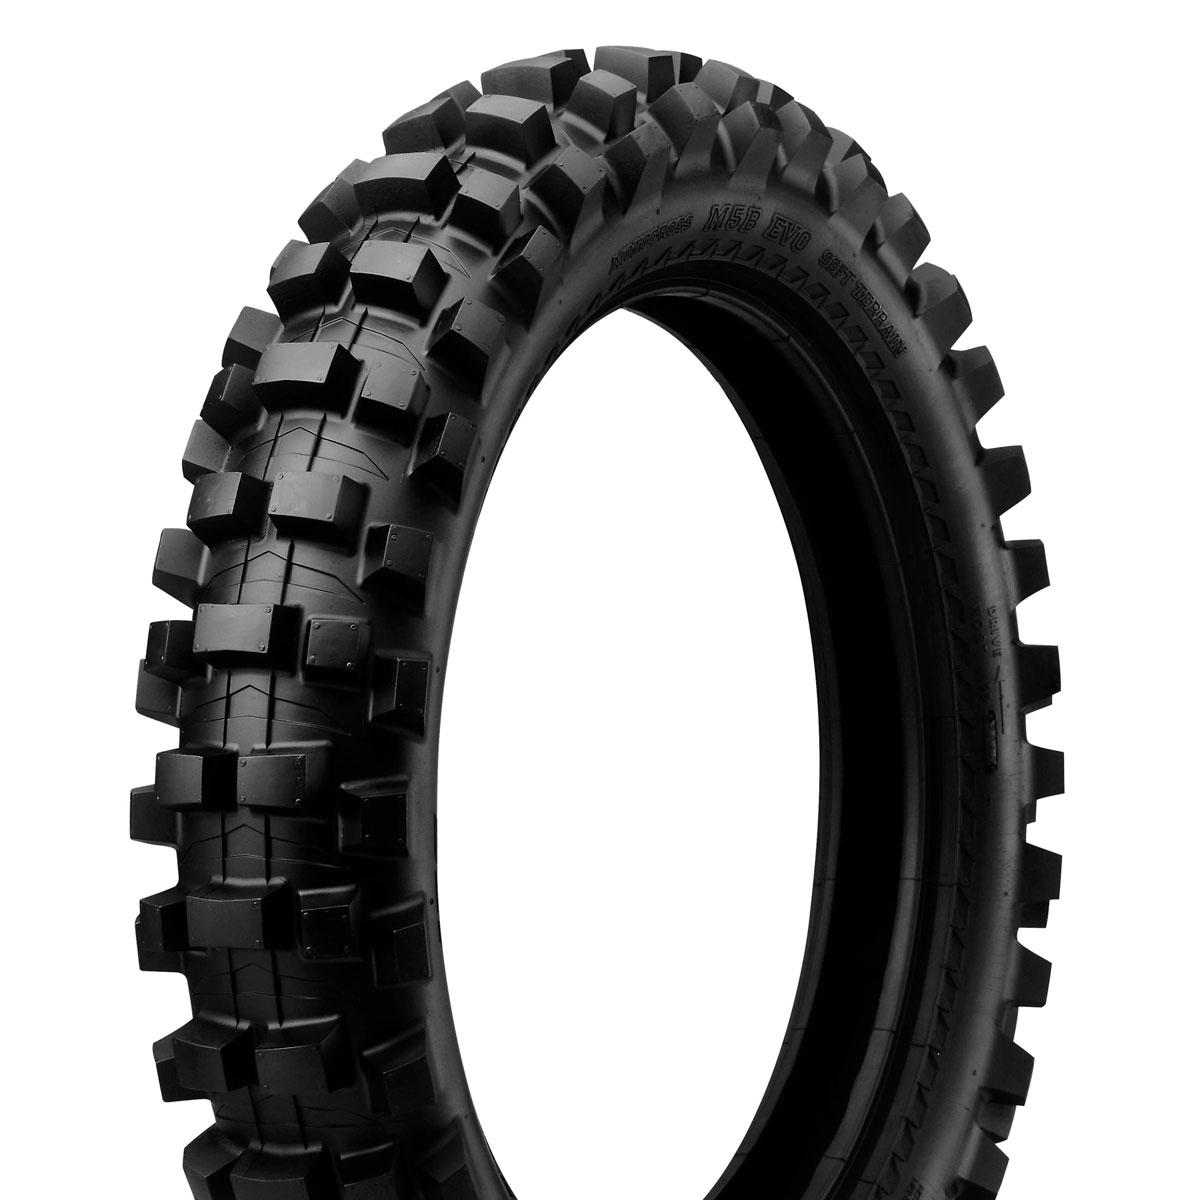 IRC M5B Evo 140/80-18 Rear Tire